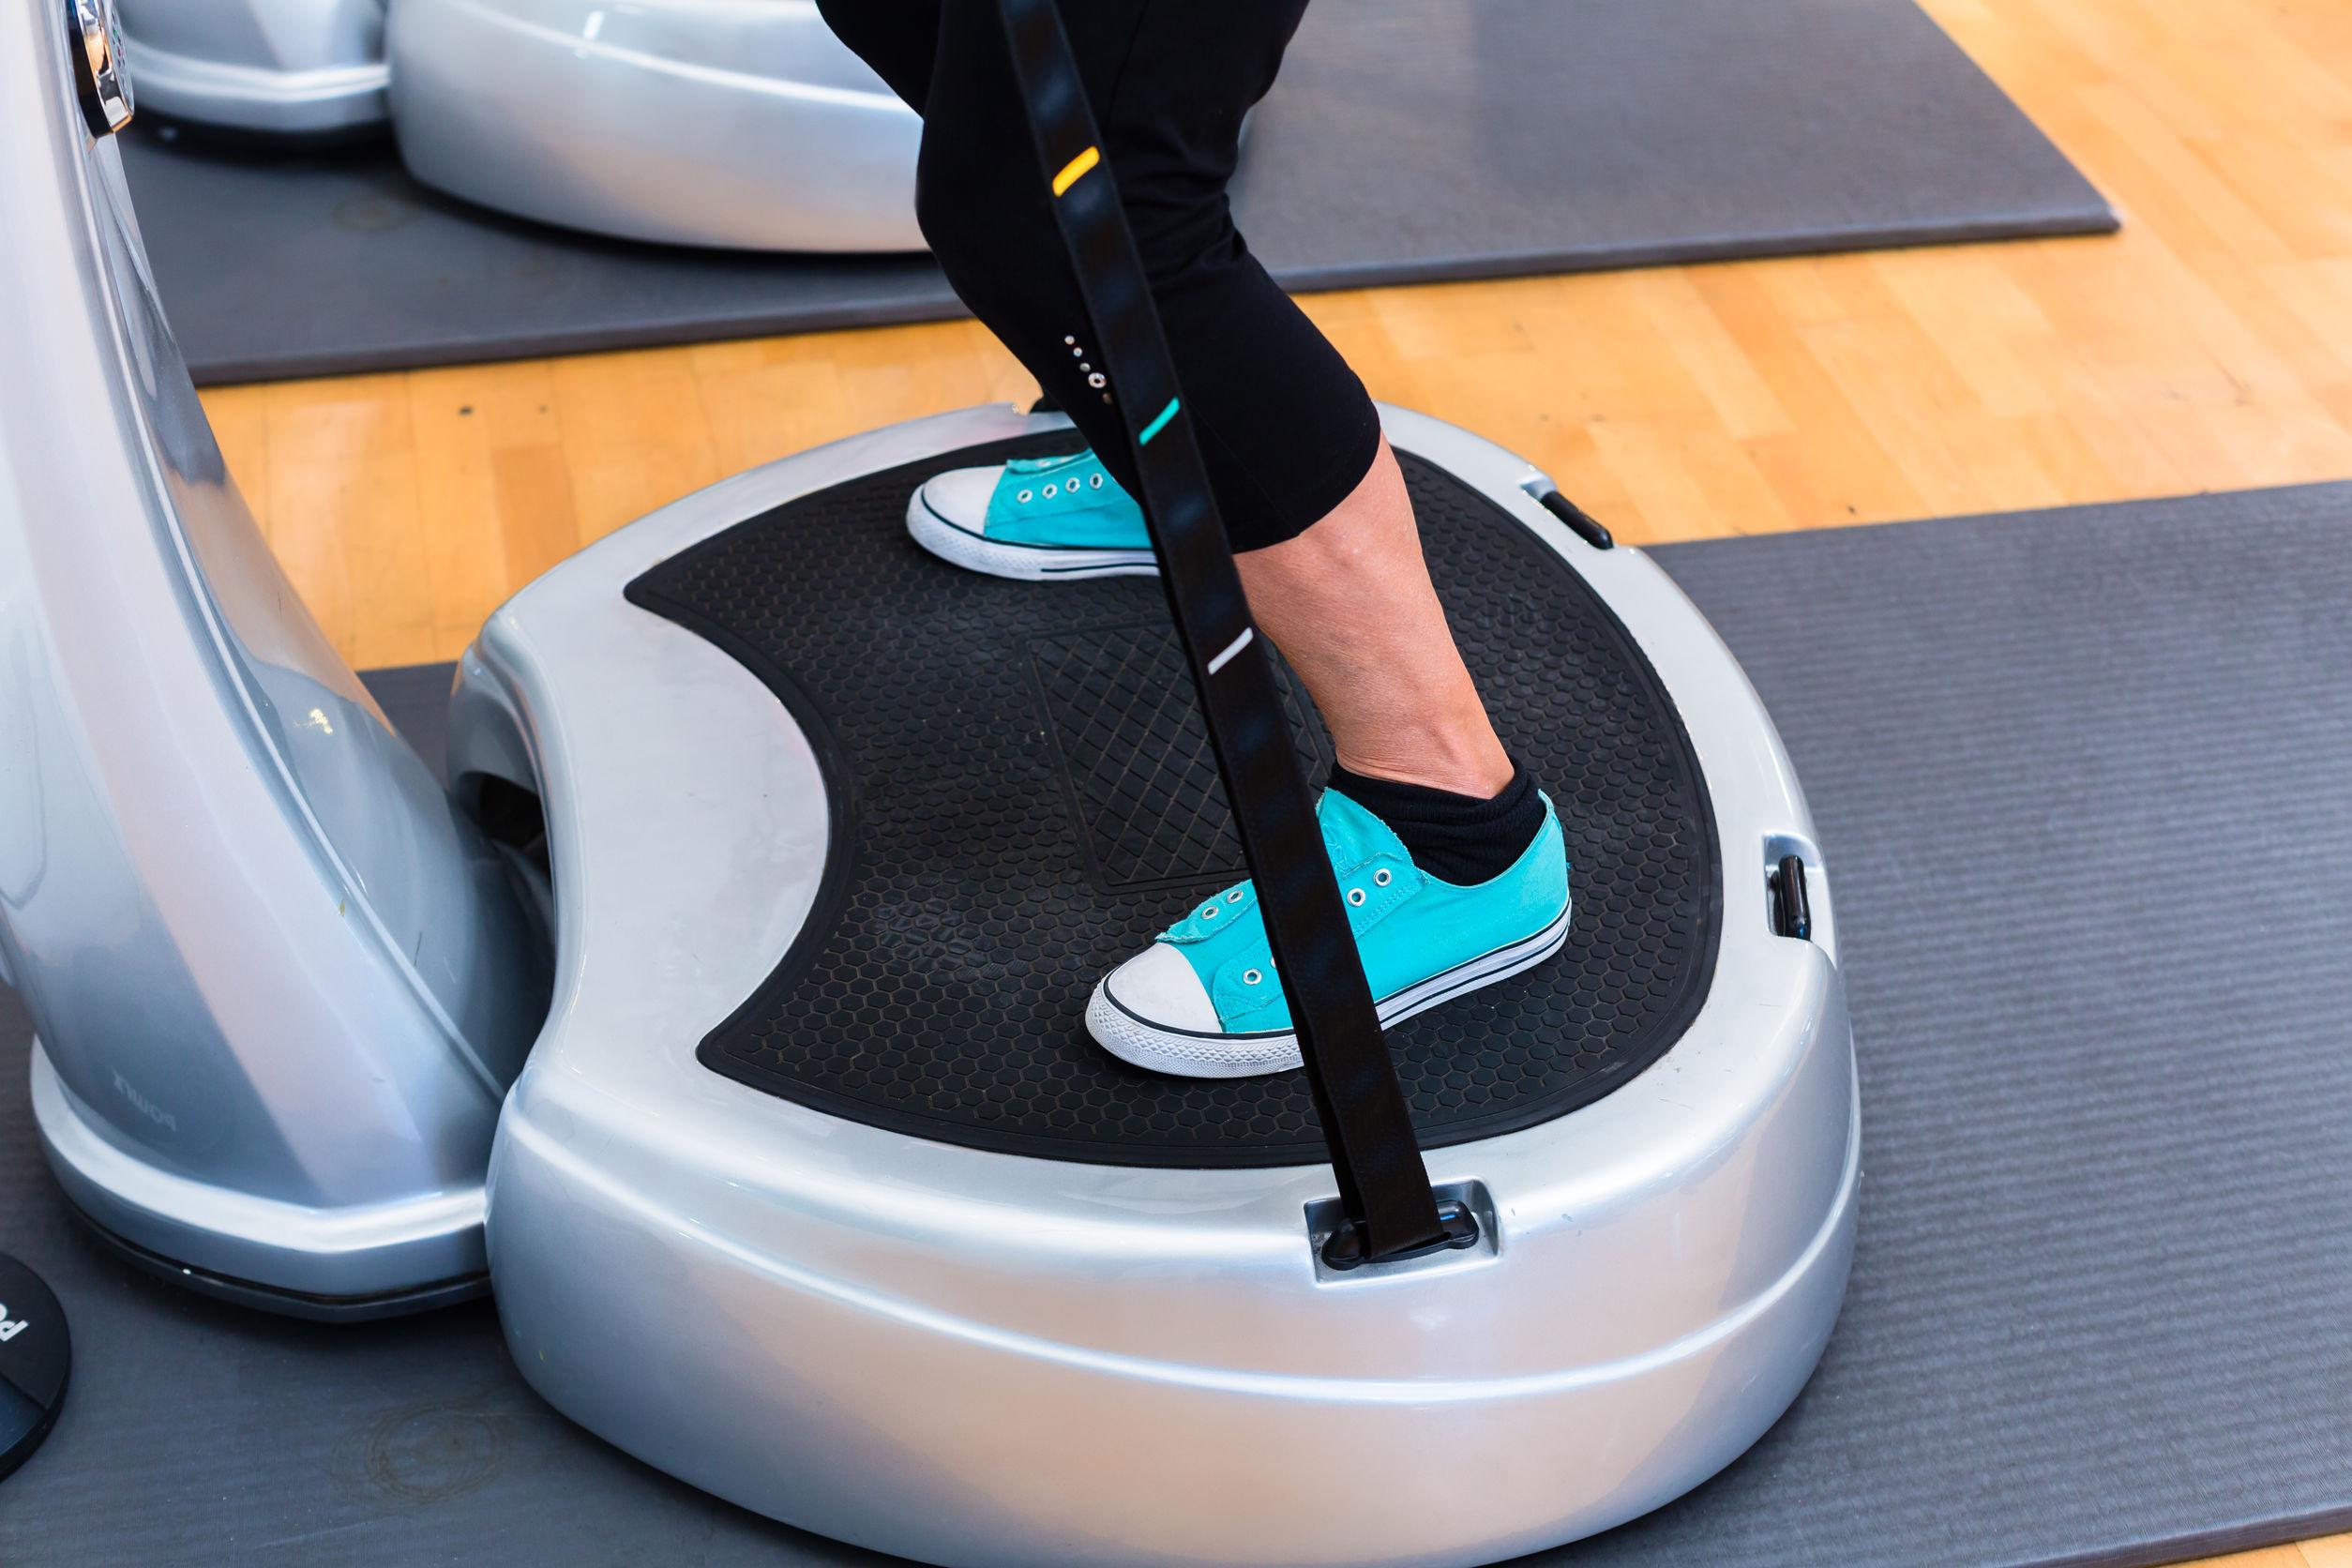 Imagem de uma plataforma vibratória.